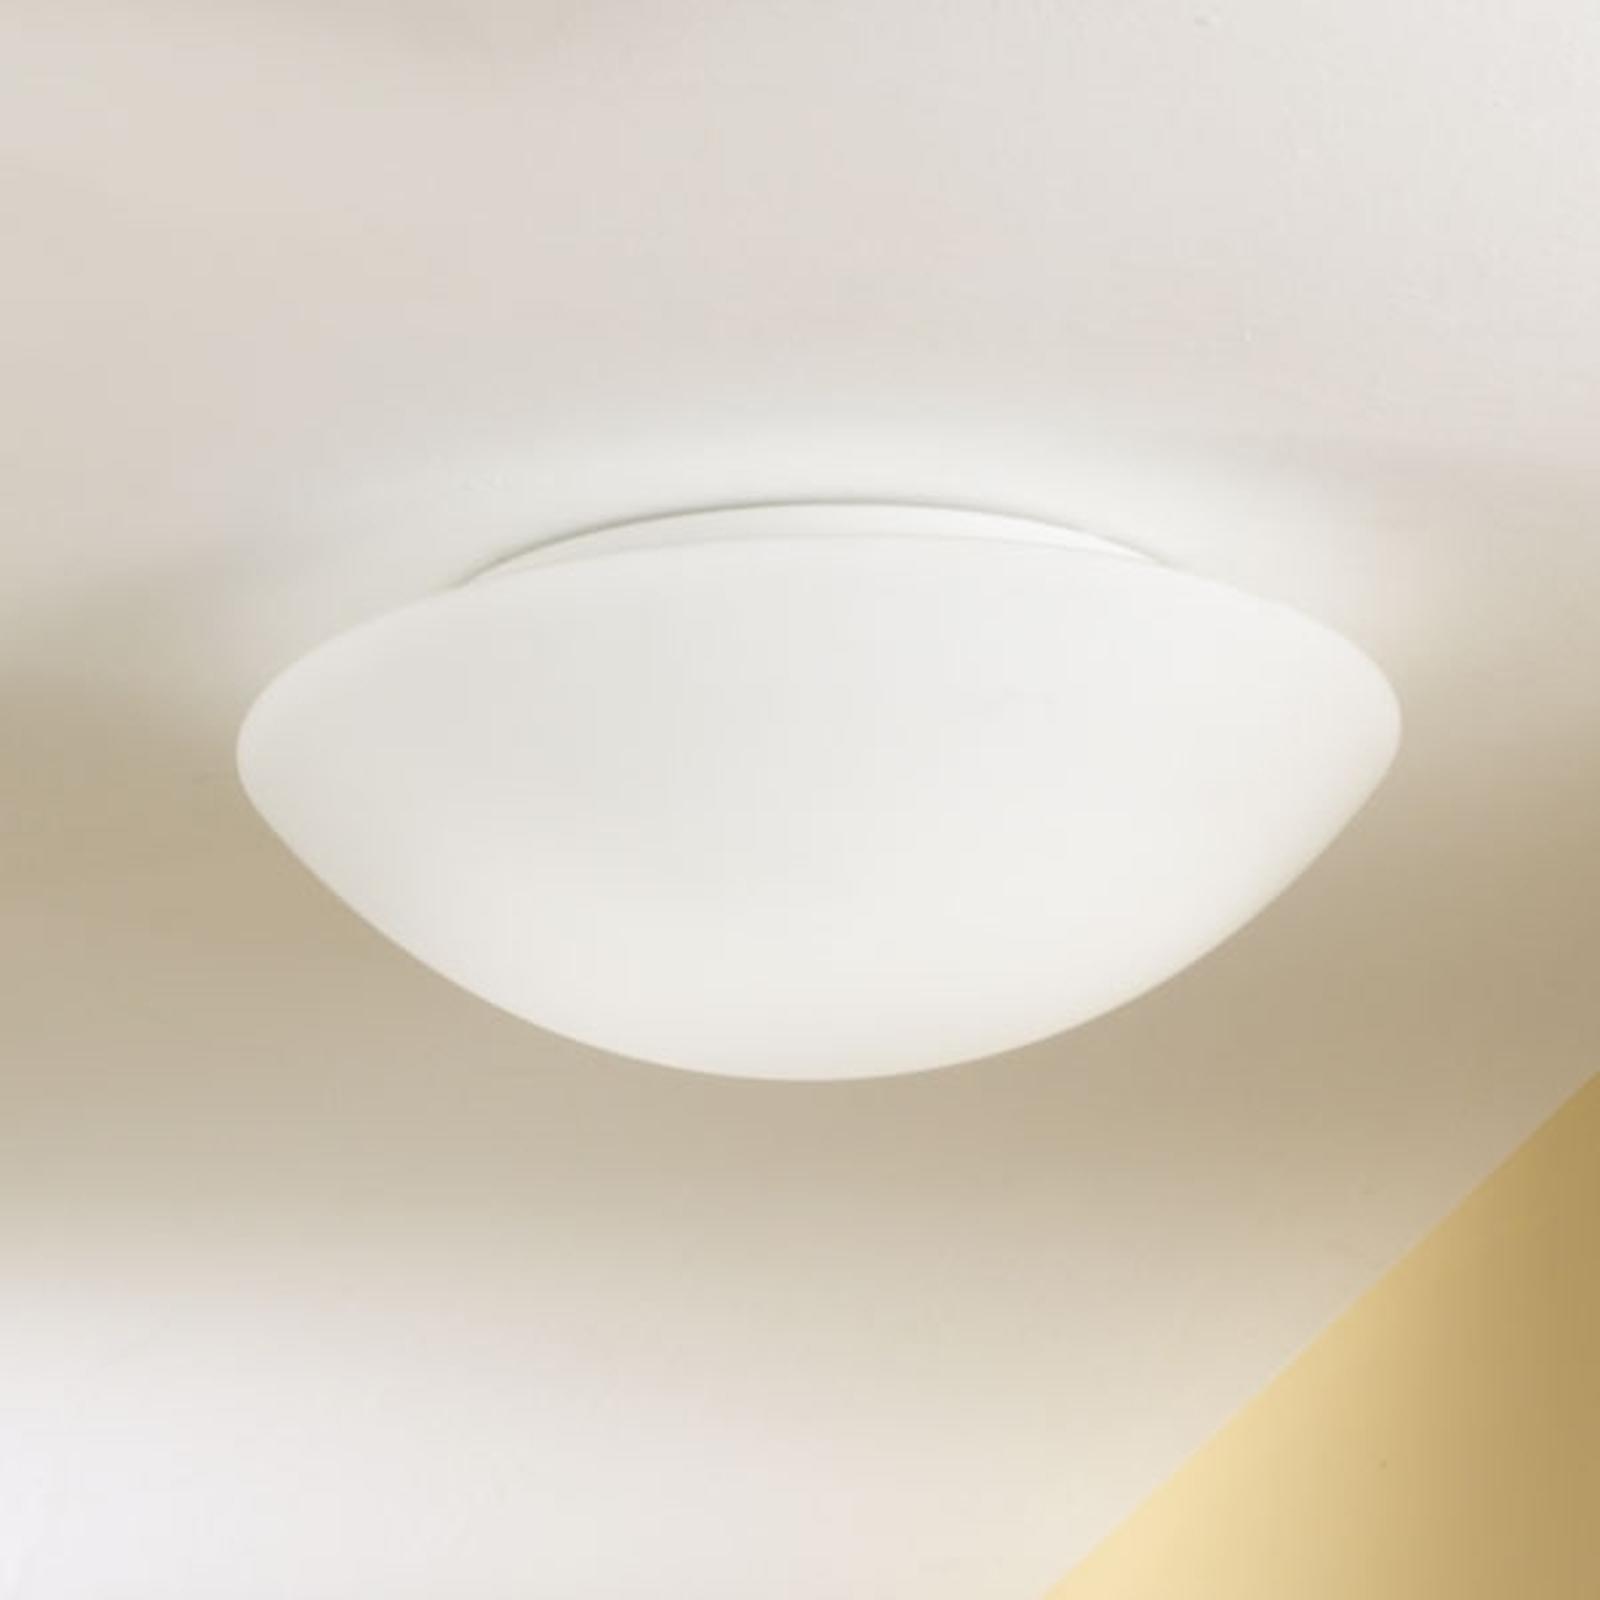 PANDORA taklampe eller vegglampe 20 cm